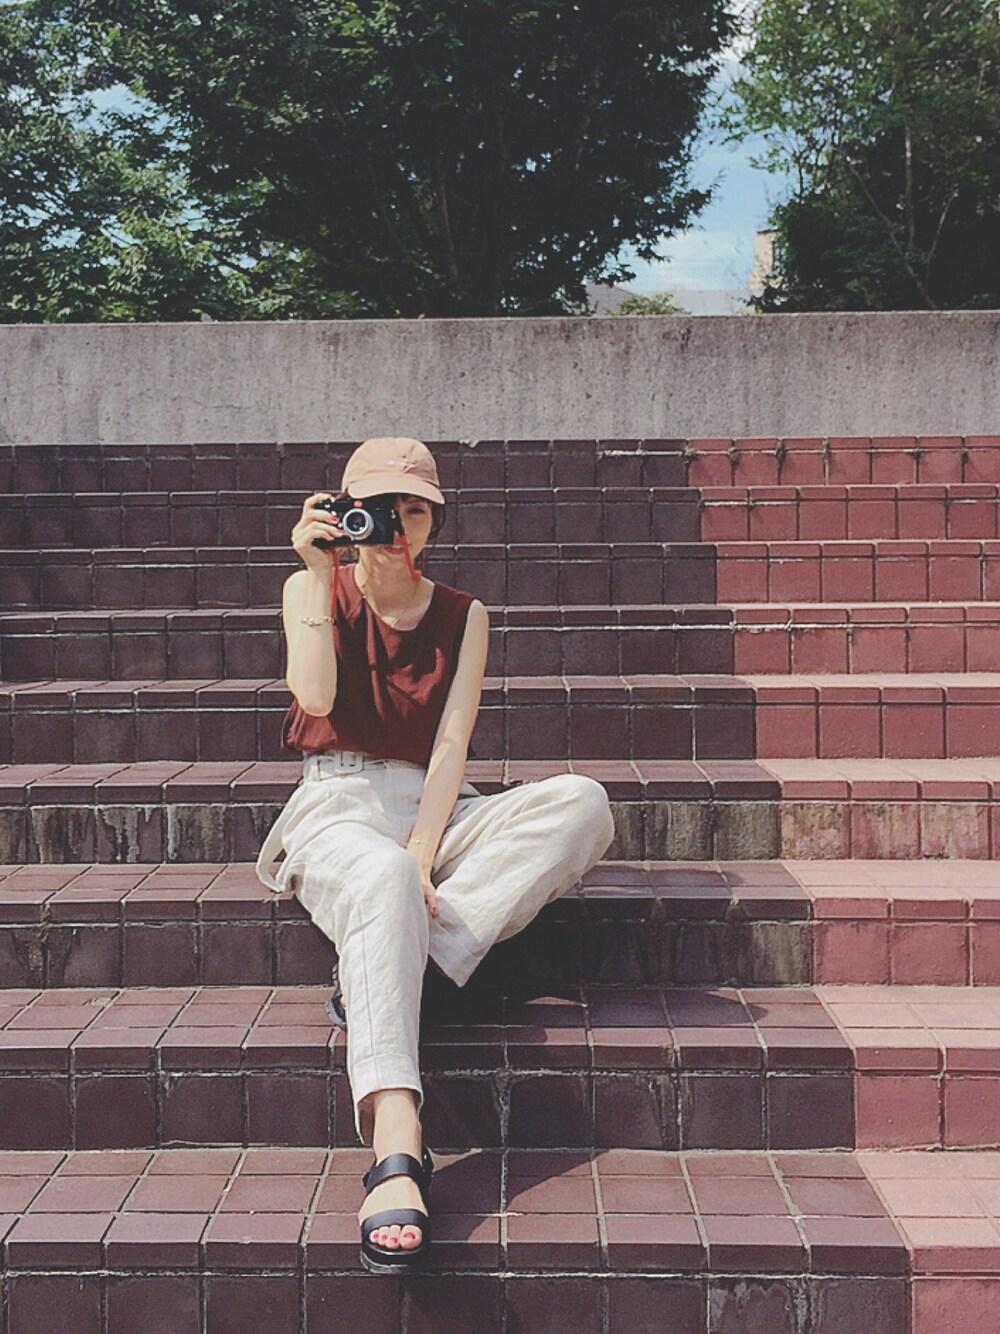 【わたしの尻で】安田美沙子part49【目一杯抜いて】 [無断転載禁止]©bbspink.comYouTube動画>45本 dailymotion>1本 ->画像>265枚